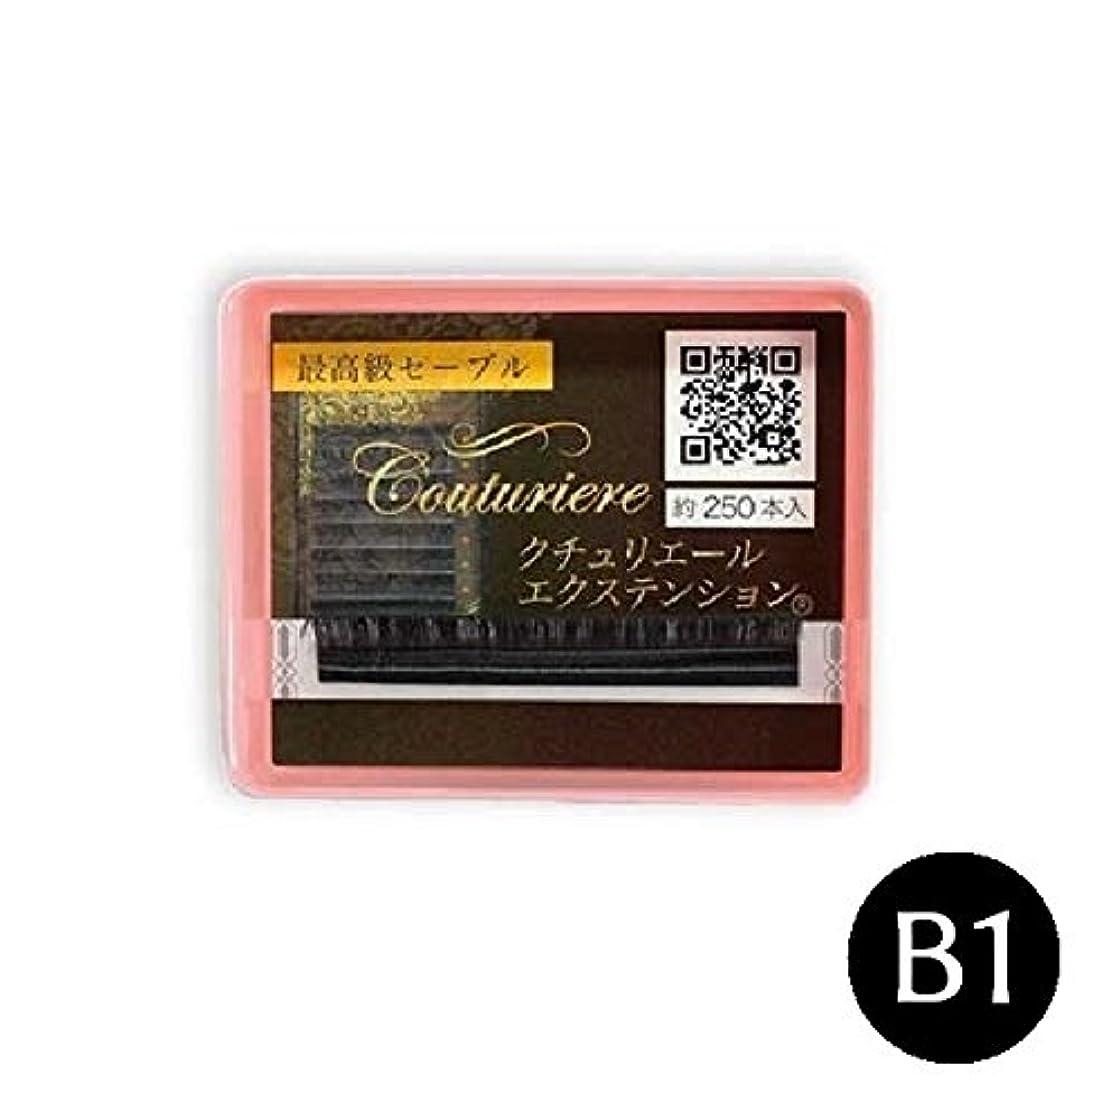 クマノミ代数形まつげエクステ マツエク クチュリエール B1カール (1列) (0.15mm 7mm)